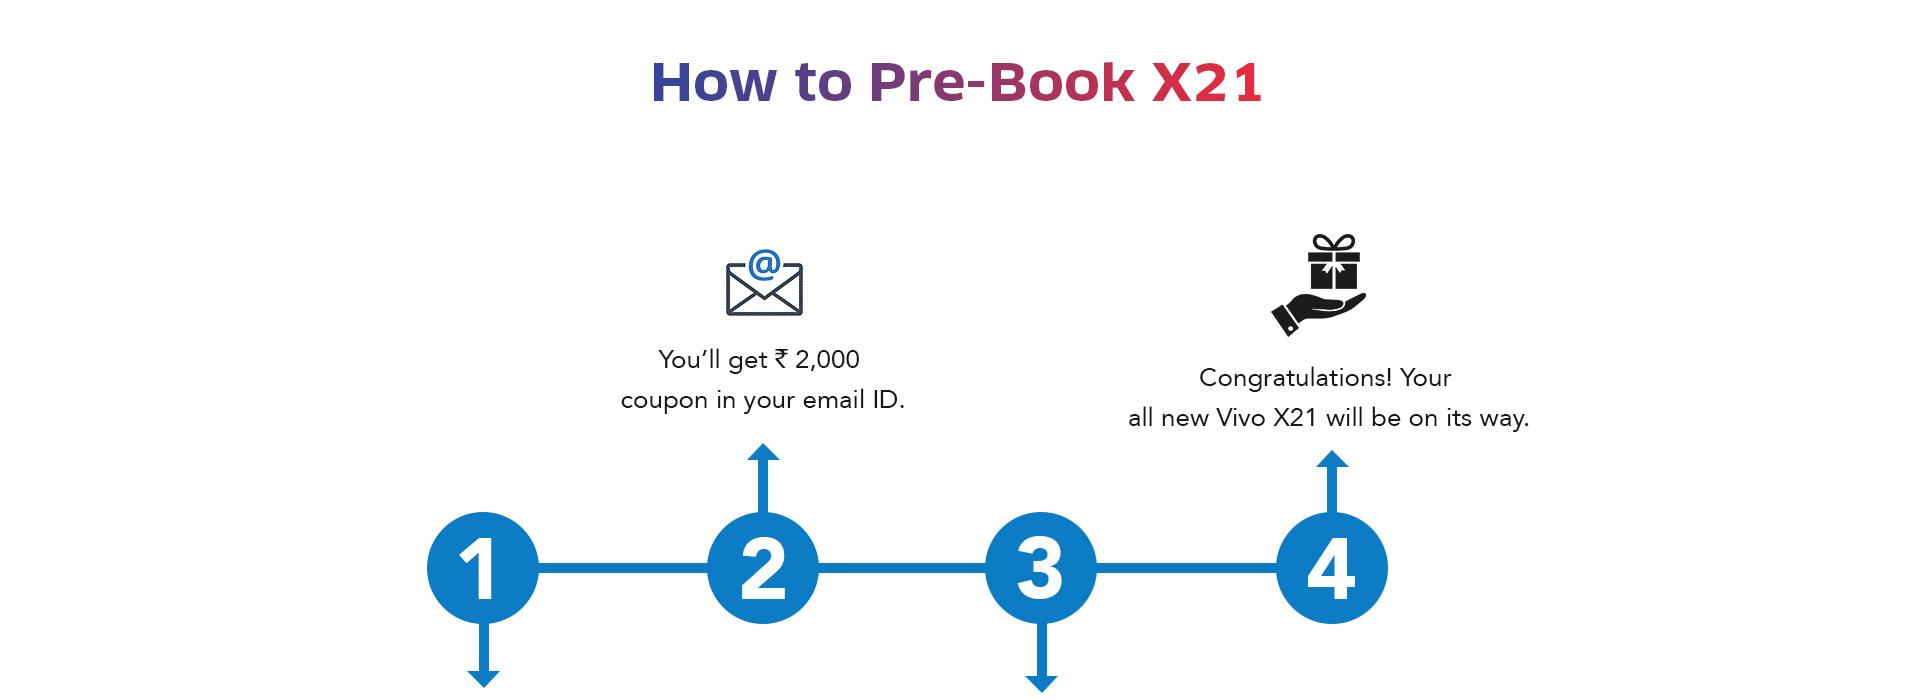 Pre-book vivo x21